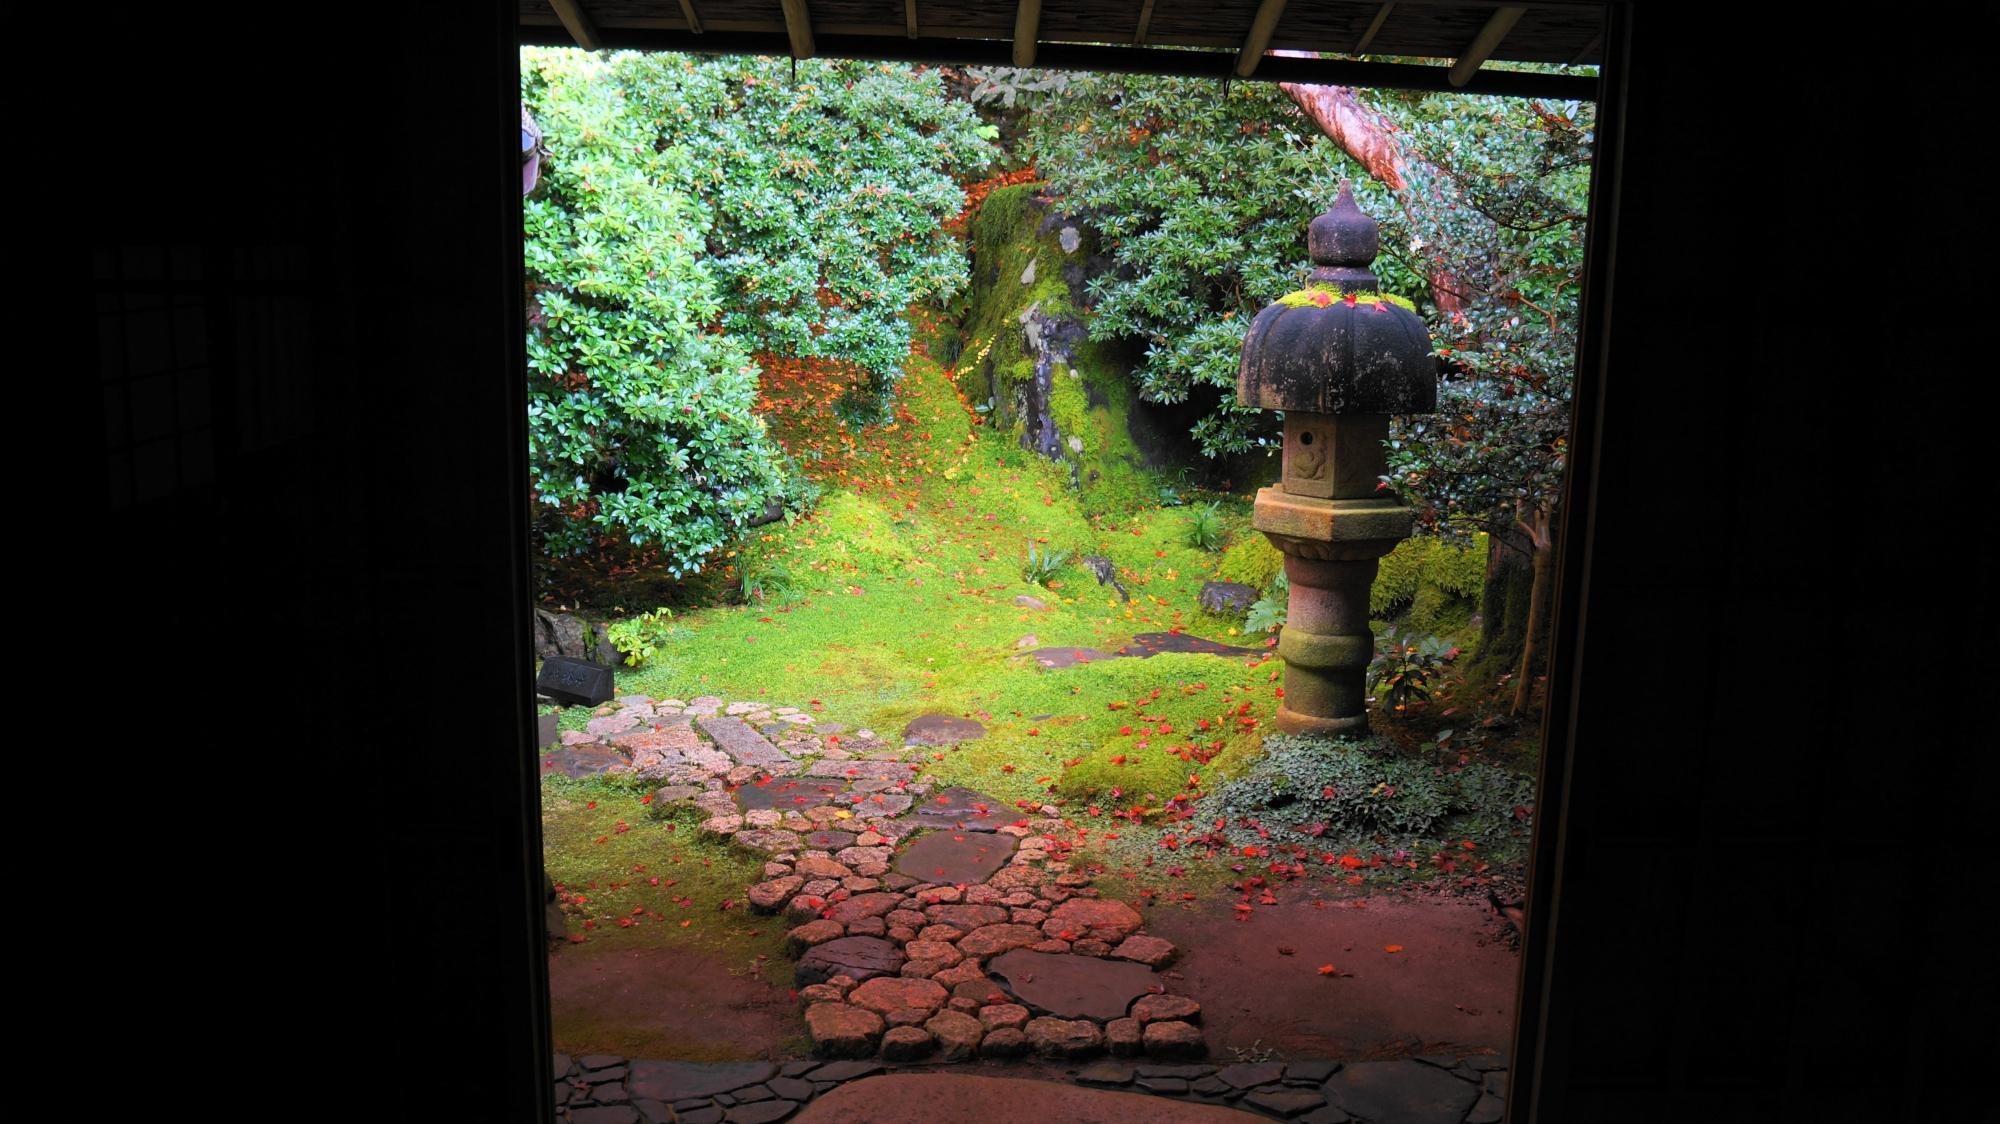 瑠璃光院の茶庵「喜鶴亭」の落ち着いた雰囲気に宿る美しさ